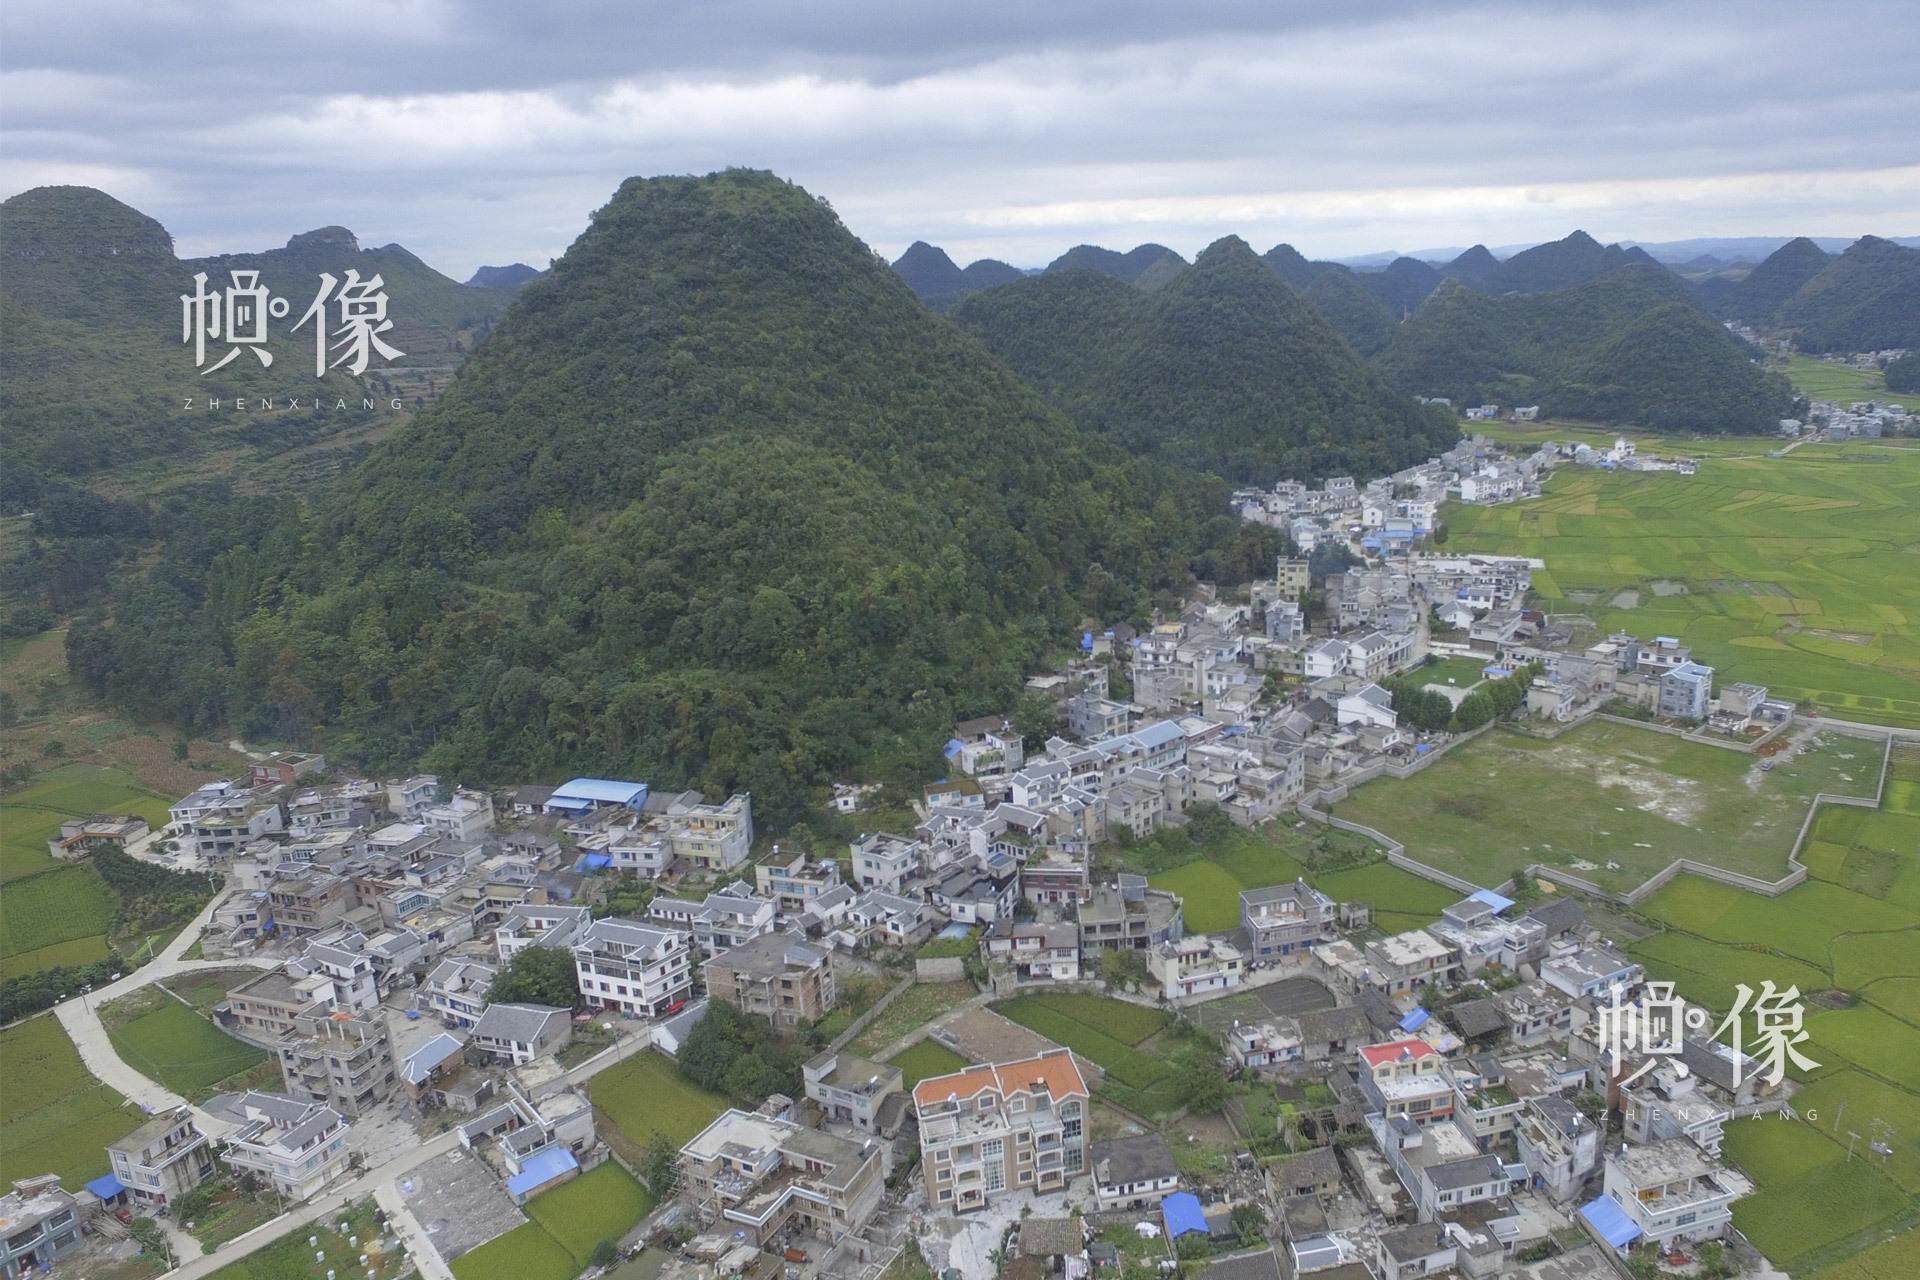 """安龙县是贵州省黔西南布依族苗族自治州的下辖县。安马村就坐落在这个拥有""""九山半水半分田""""的地方。安马村的成年人大多为了生计外出打工,把孩子留在农村家里,或者寄养在亲戚家中。中国网记者 吴闻达 摄"""